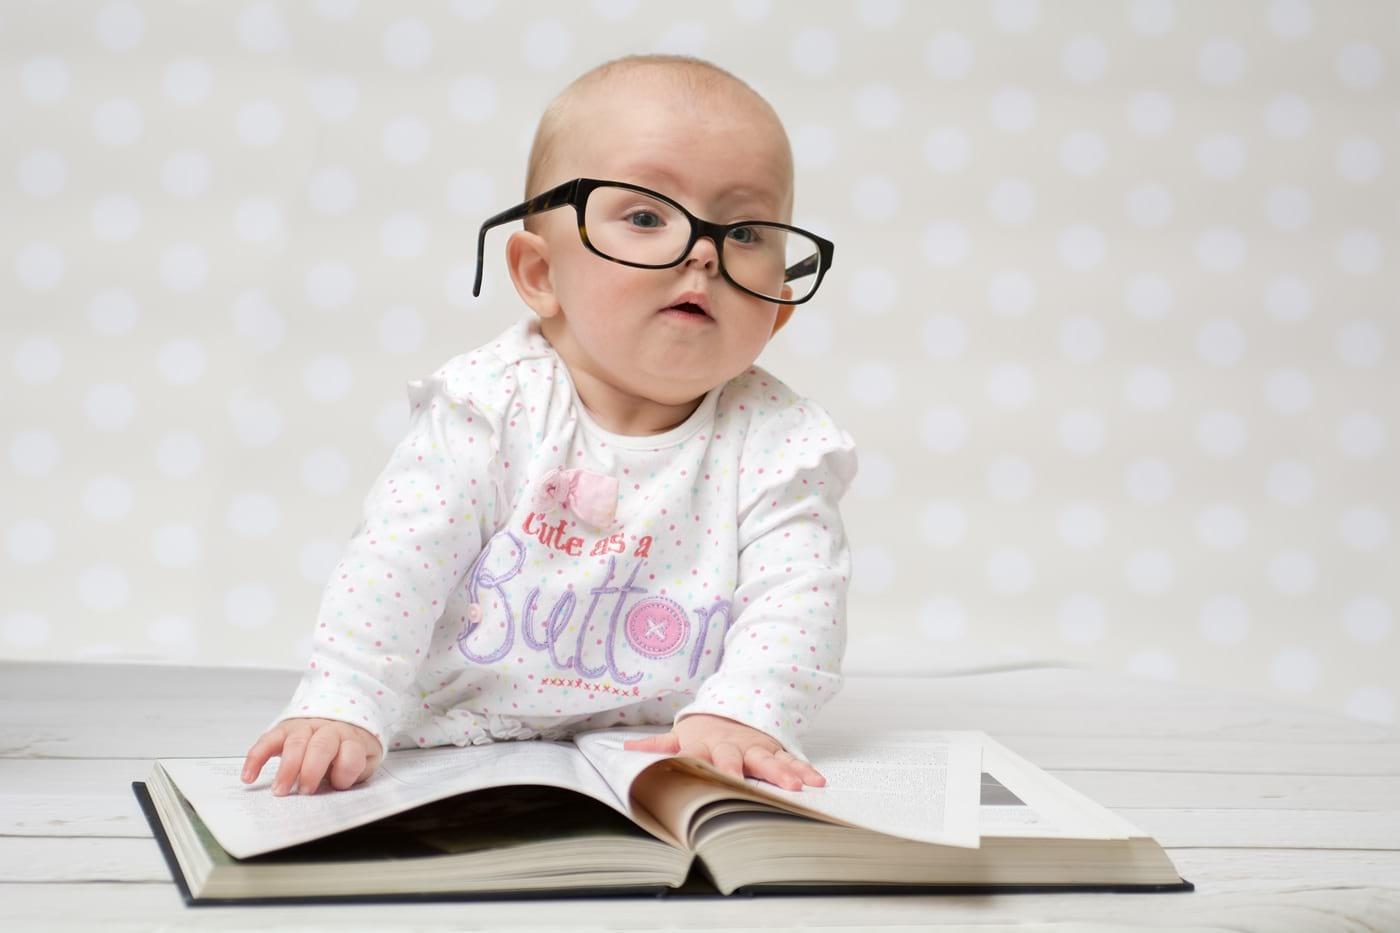 dziecko wokularach czyta książkę